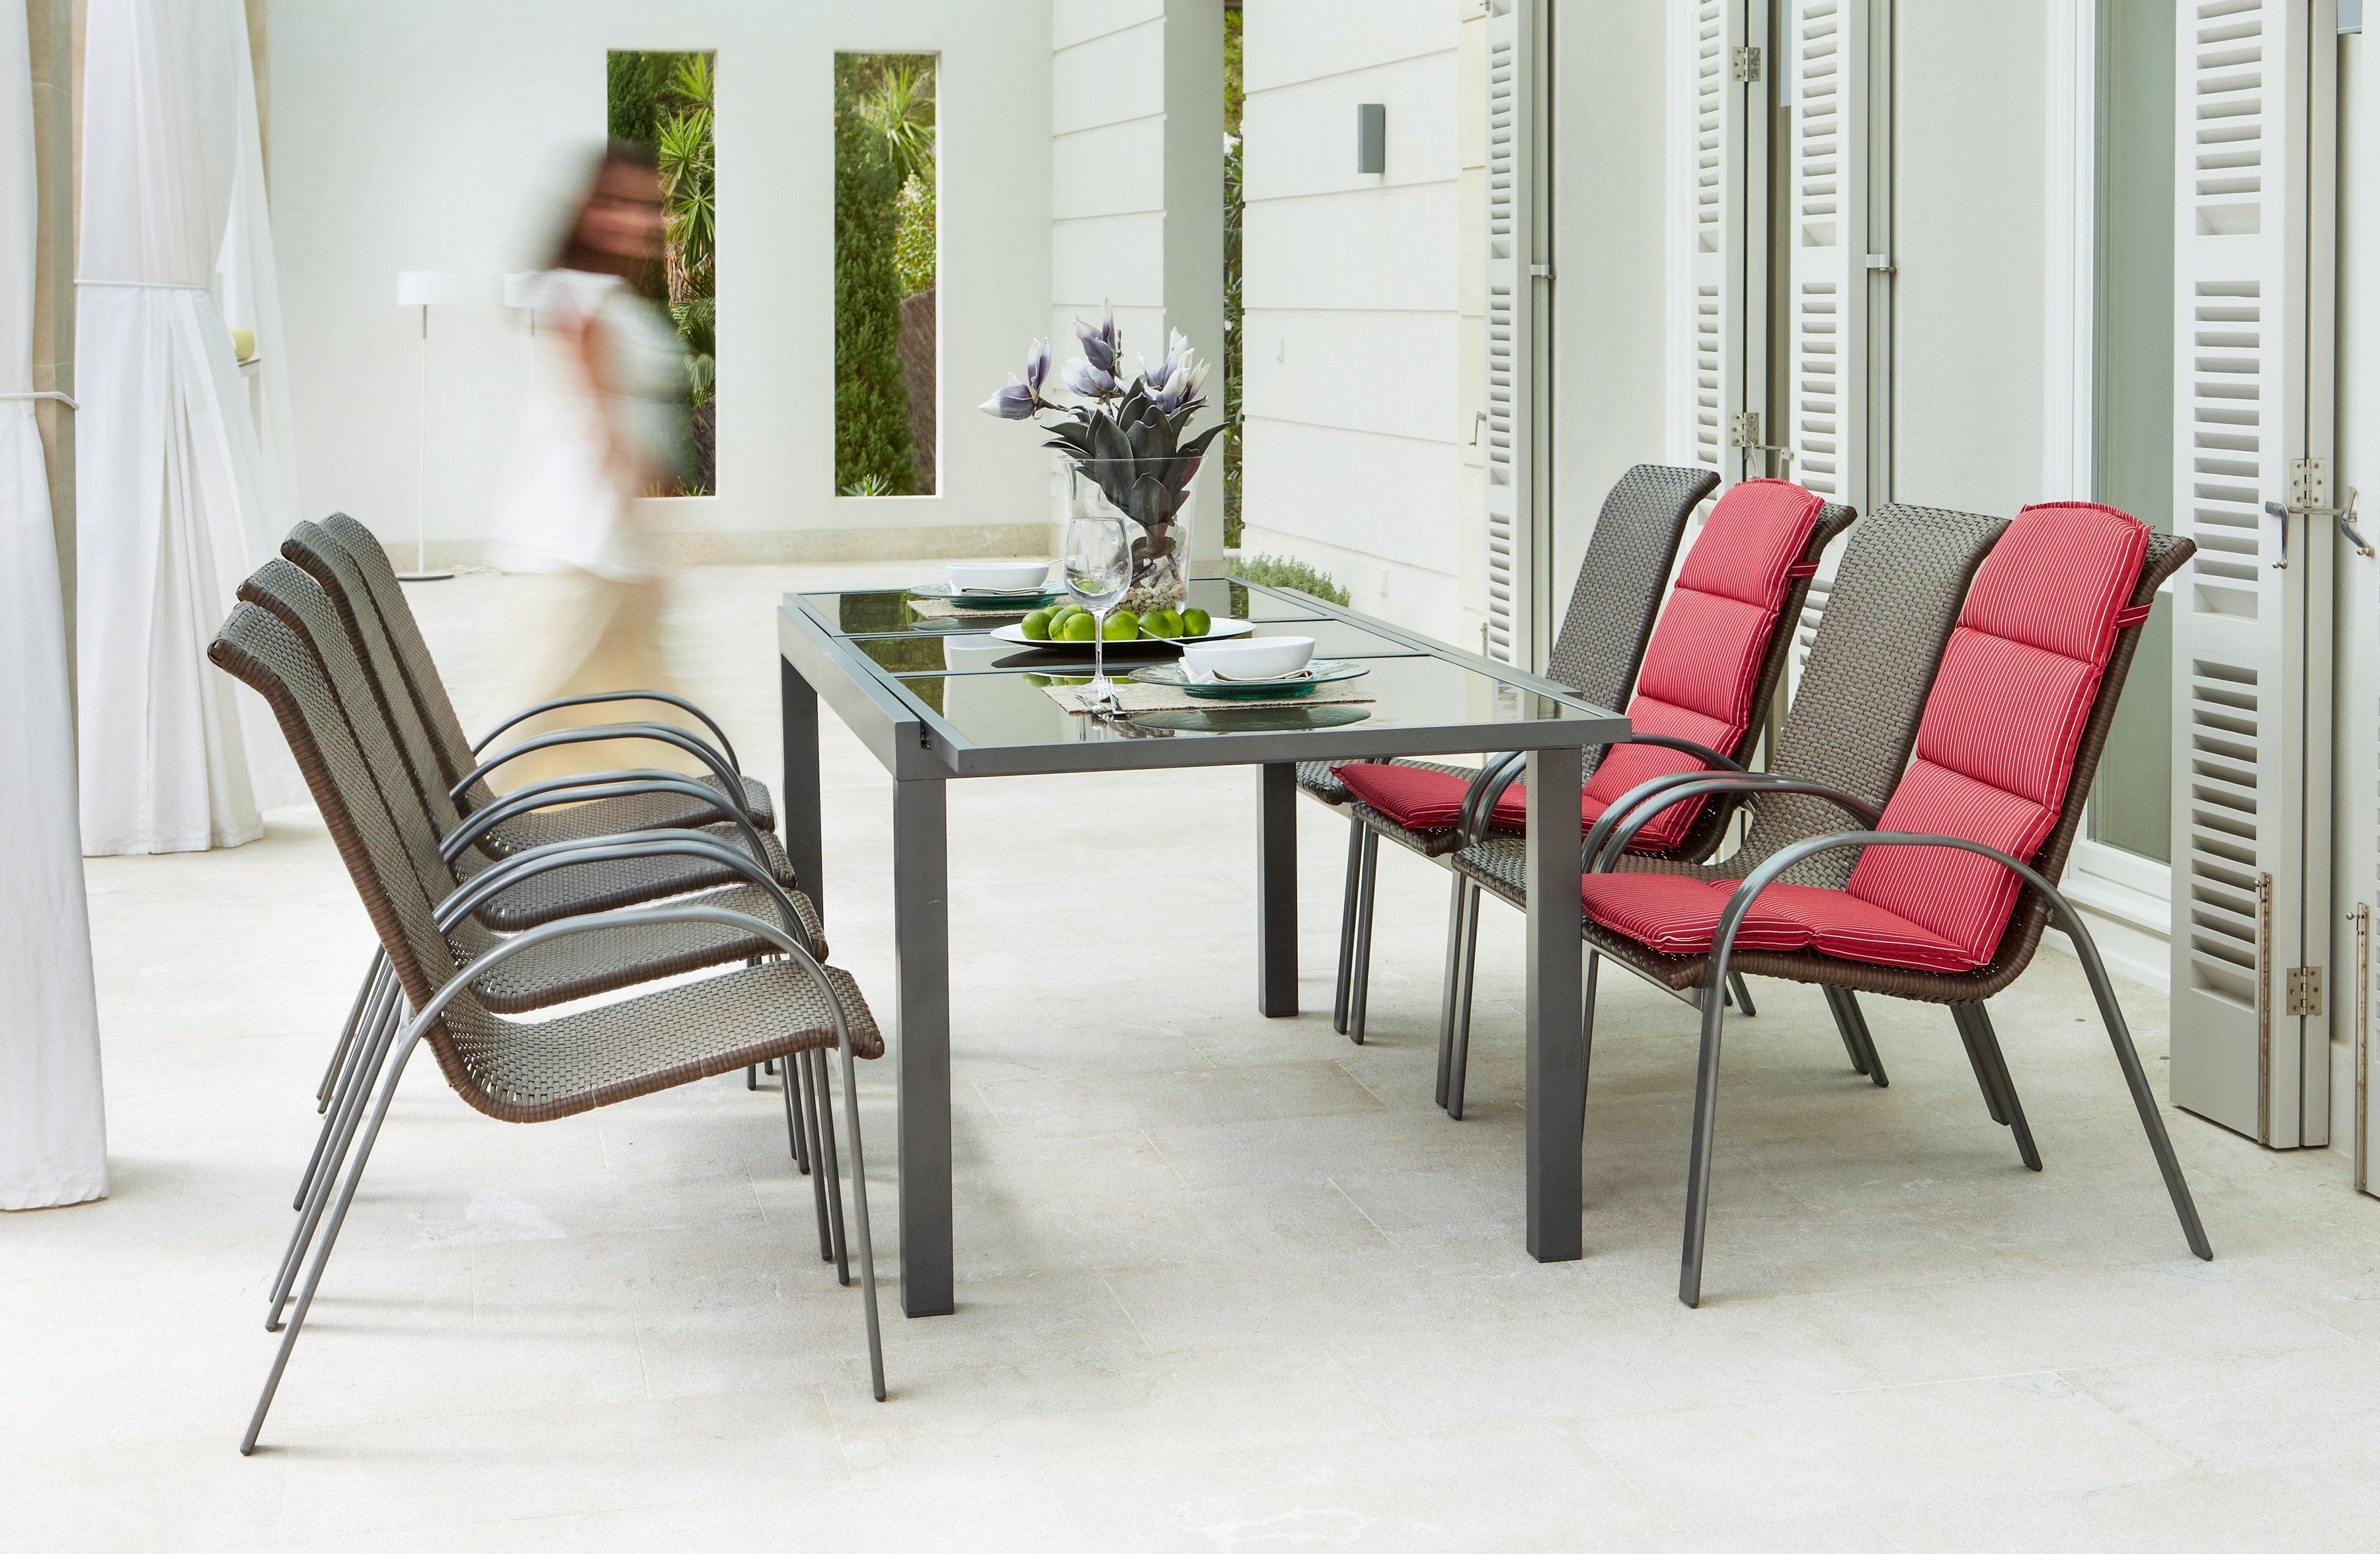 Gartenmöbelset »Côte d´Azur«, 9-tlg., 8 Sessel, Tisch 240x100x75 cm, grau